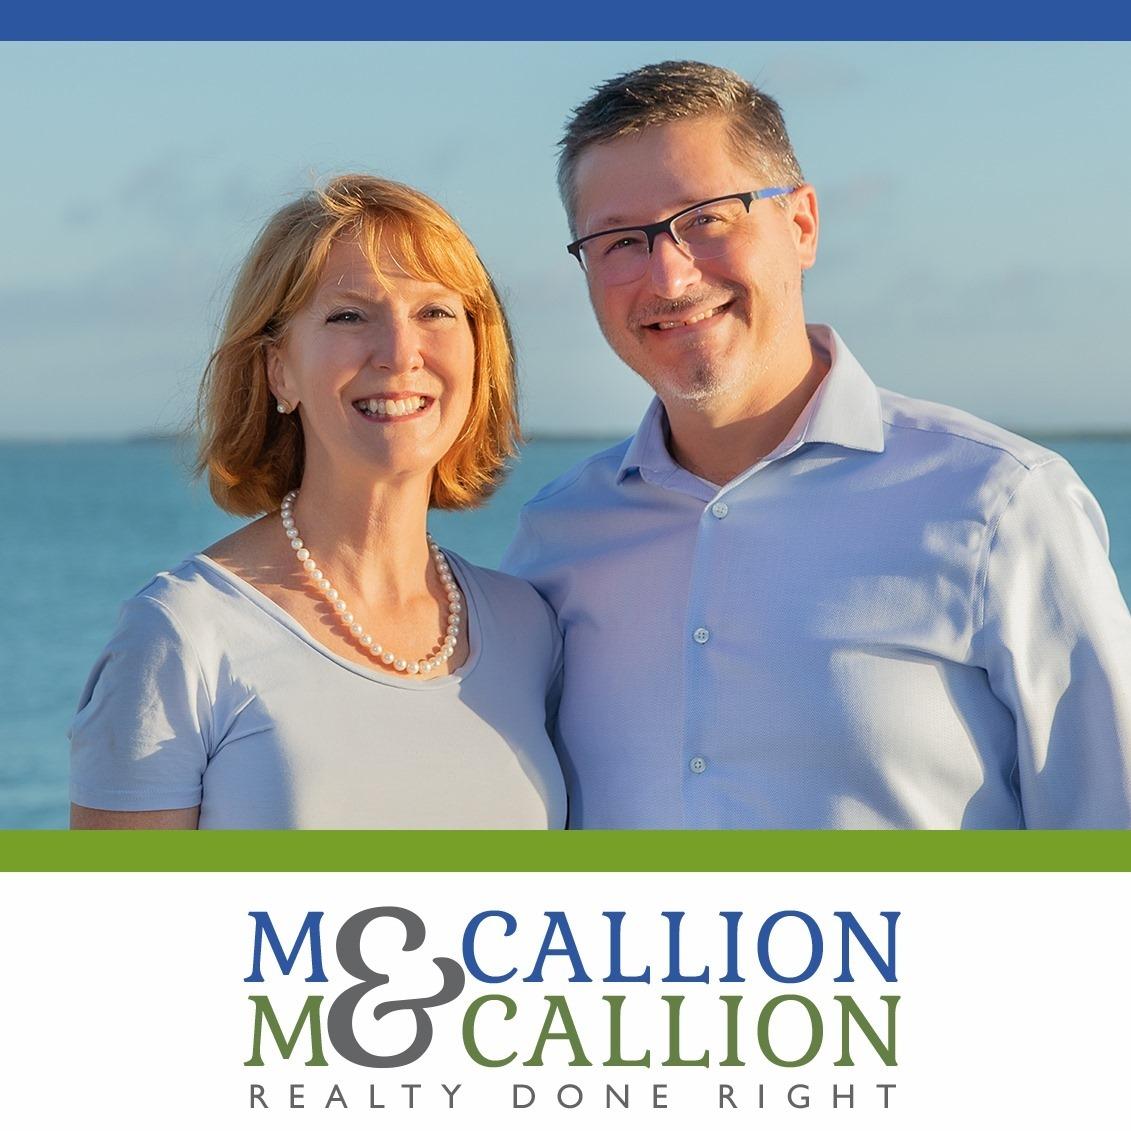 McCallion & McCallion Realty